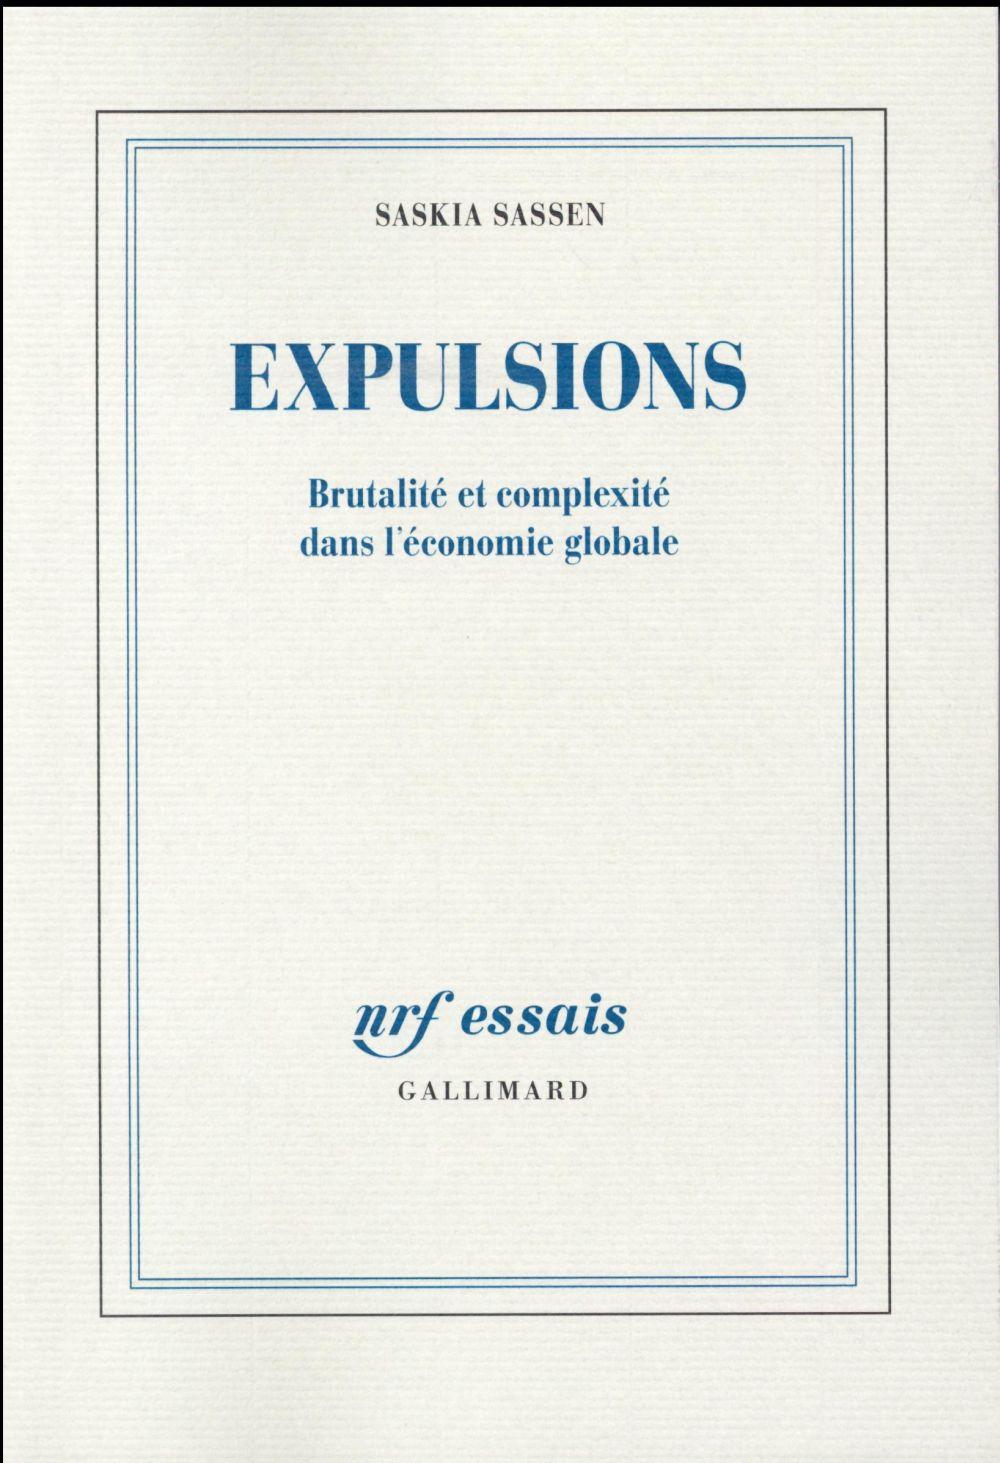 Expulsions ; brutalité et complexité dans l'économie globale